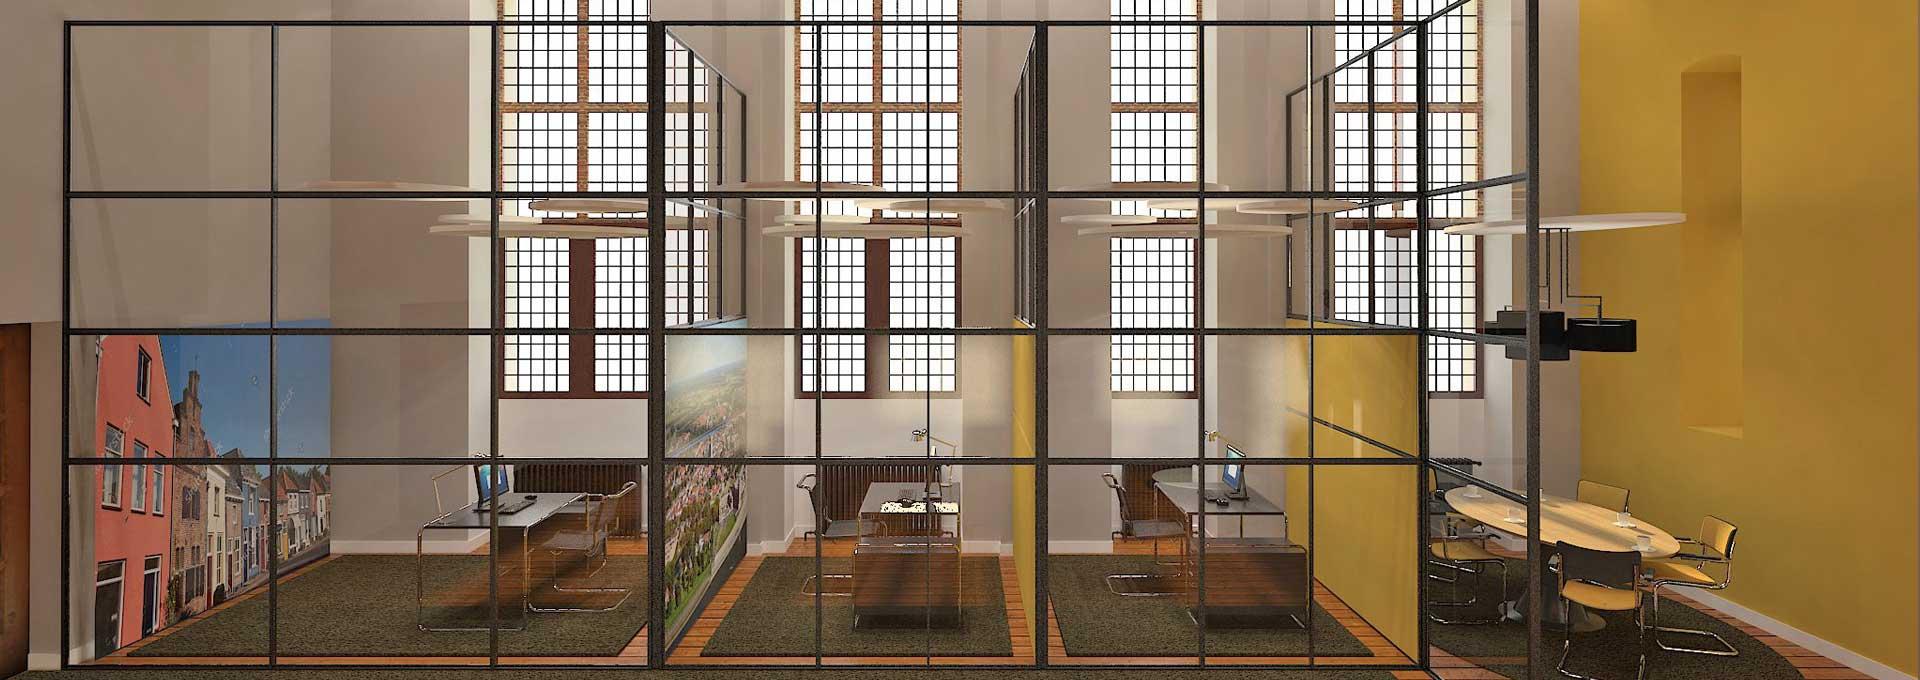 Kamers wethouders stadhuis Doesburg